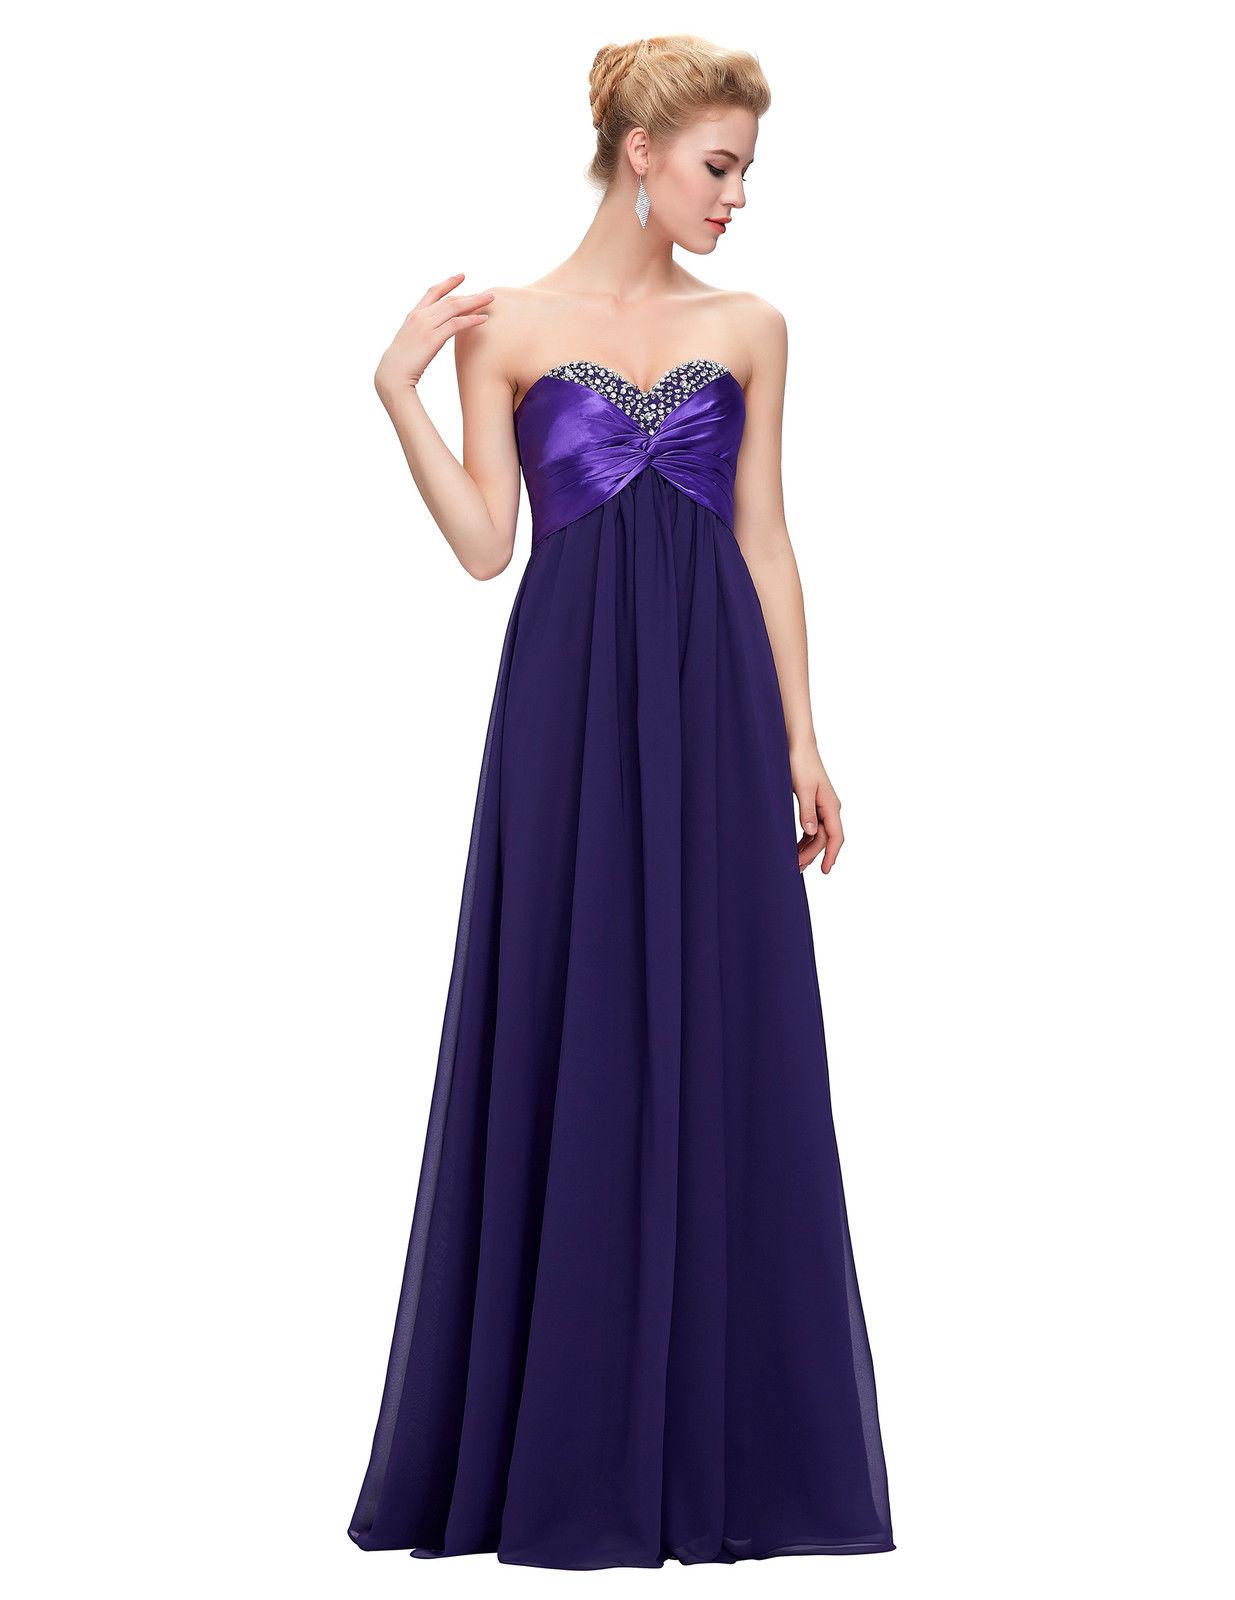 732423ea881 Fialové dlouhé plesové šaty korzetové bez ramínek 34 XS ...